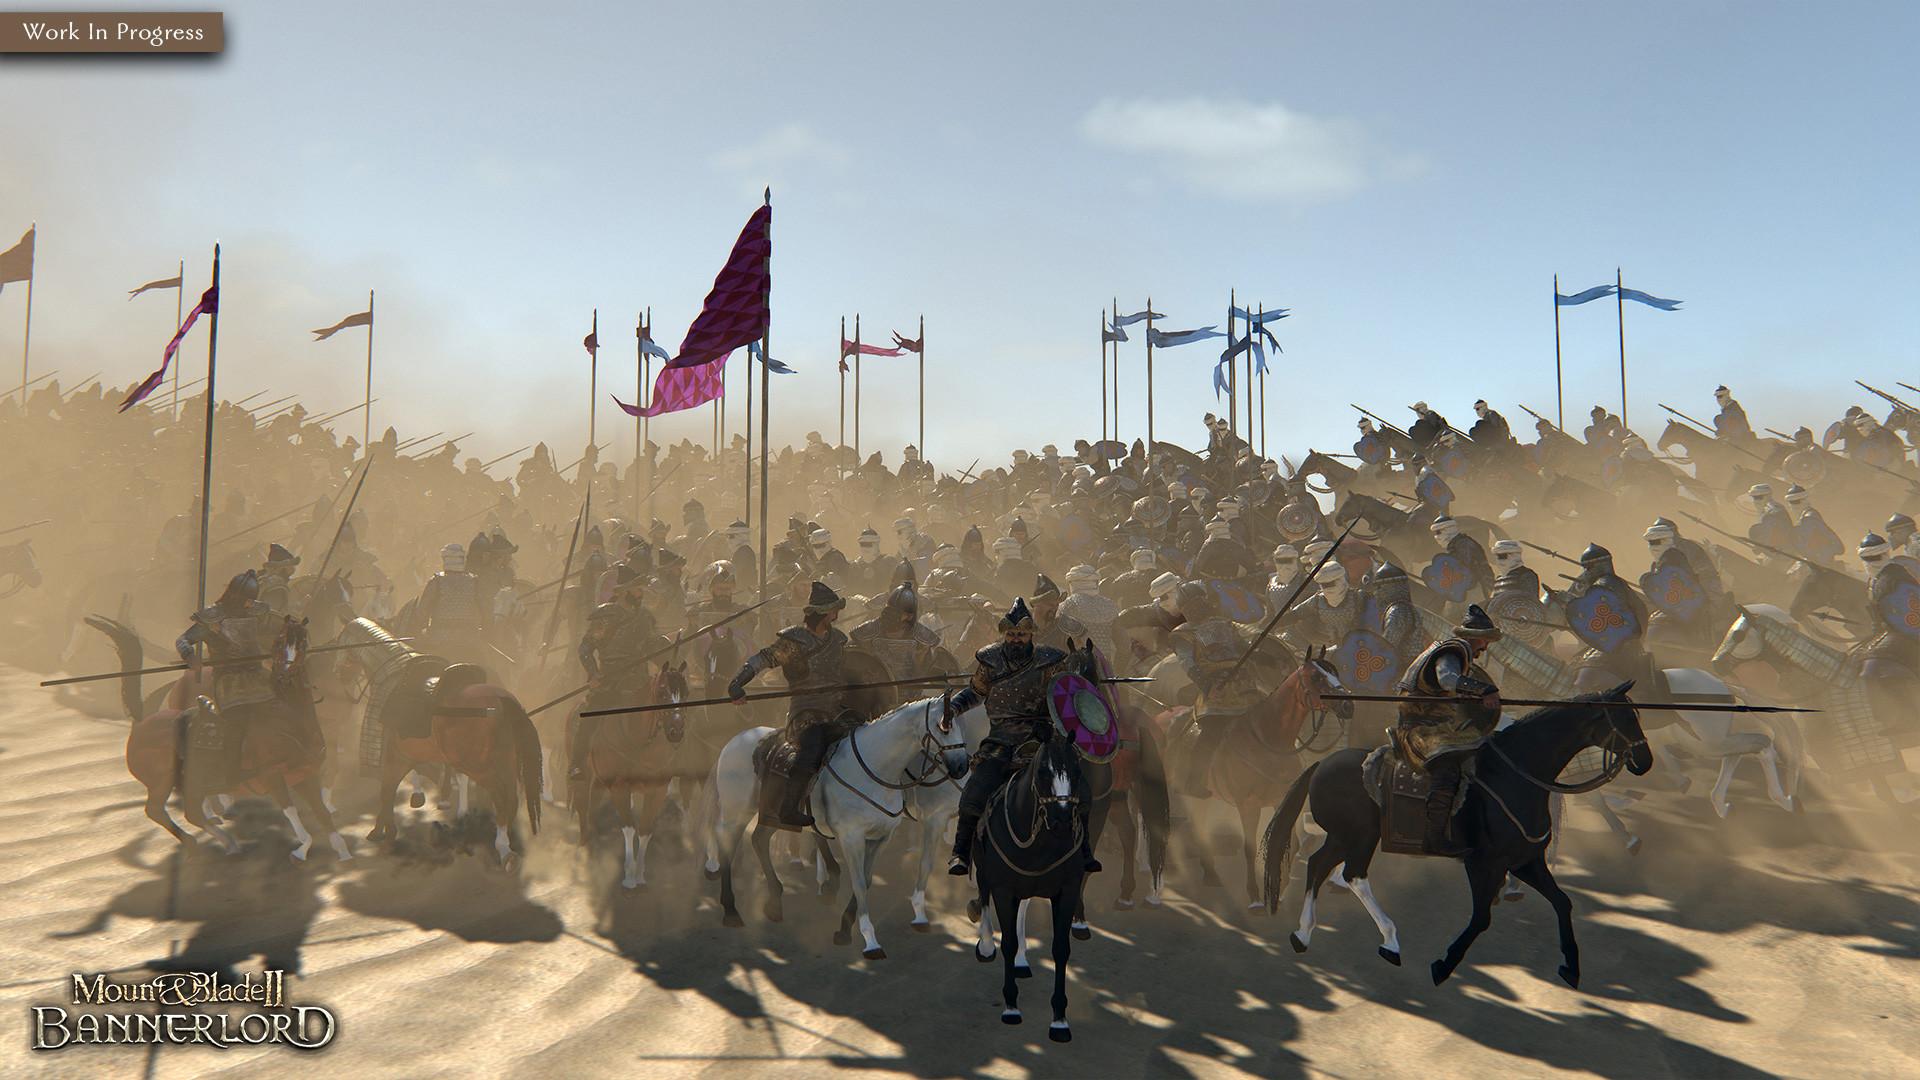 骑马与砍杀2:霸主 Mount & Blade II: Bannerlord